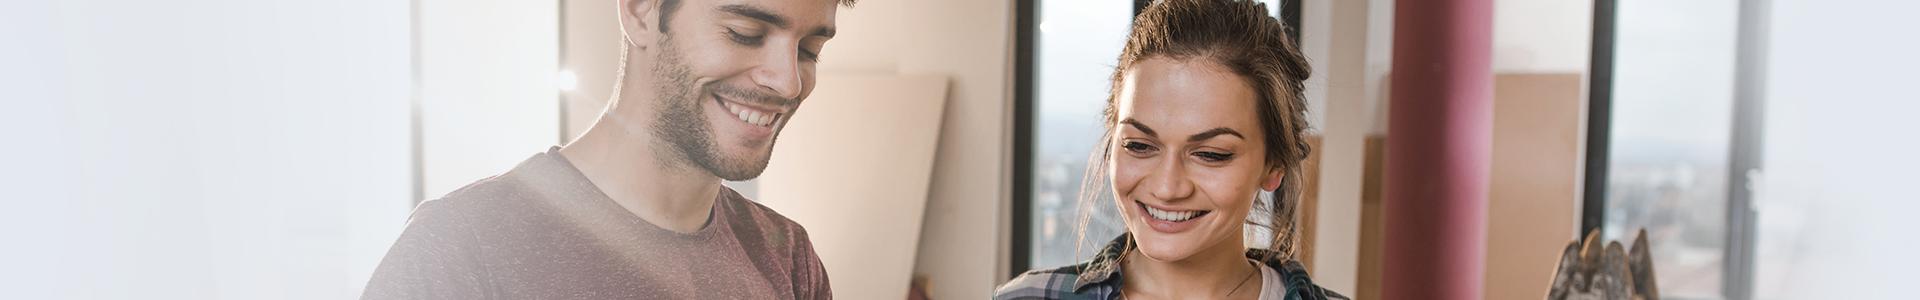 Junge glückliche Paar Baupläne selbst auf Baustelle in ihrer Wohnung zu prüfen